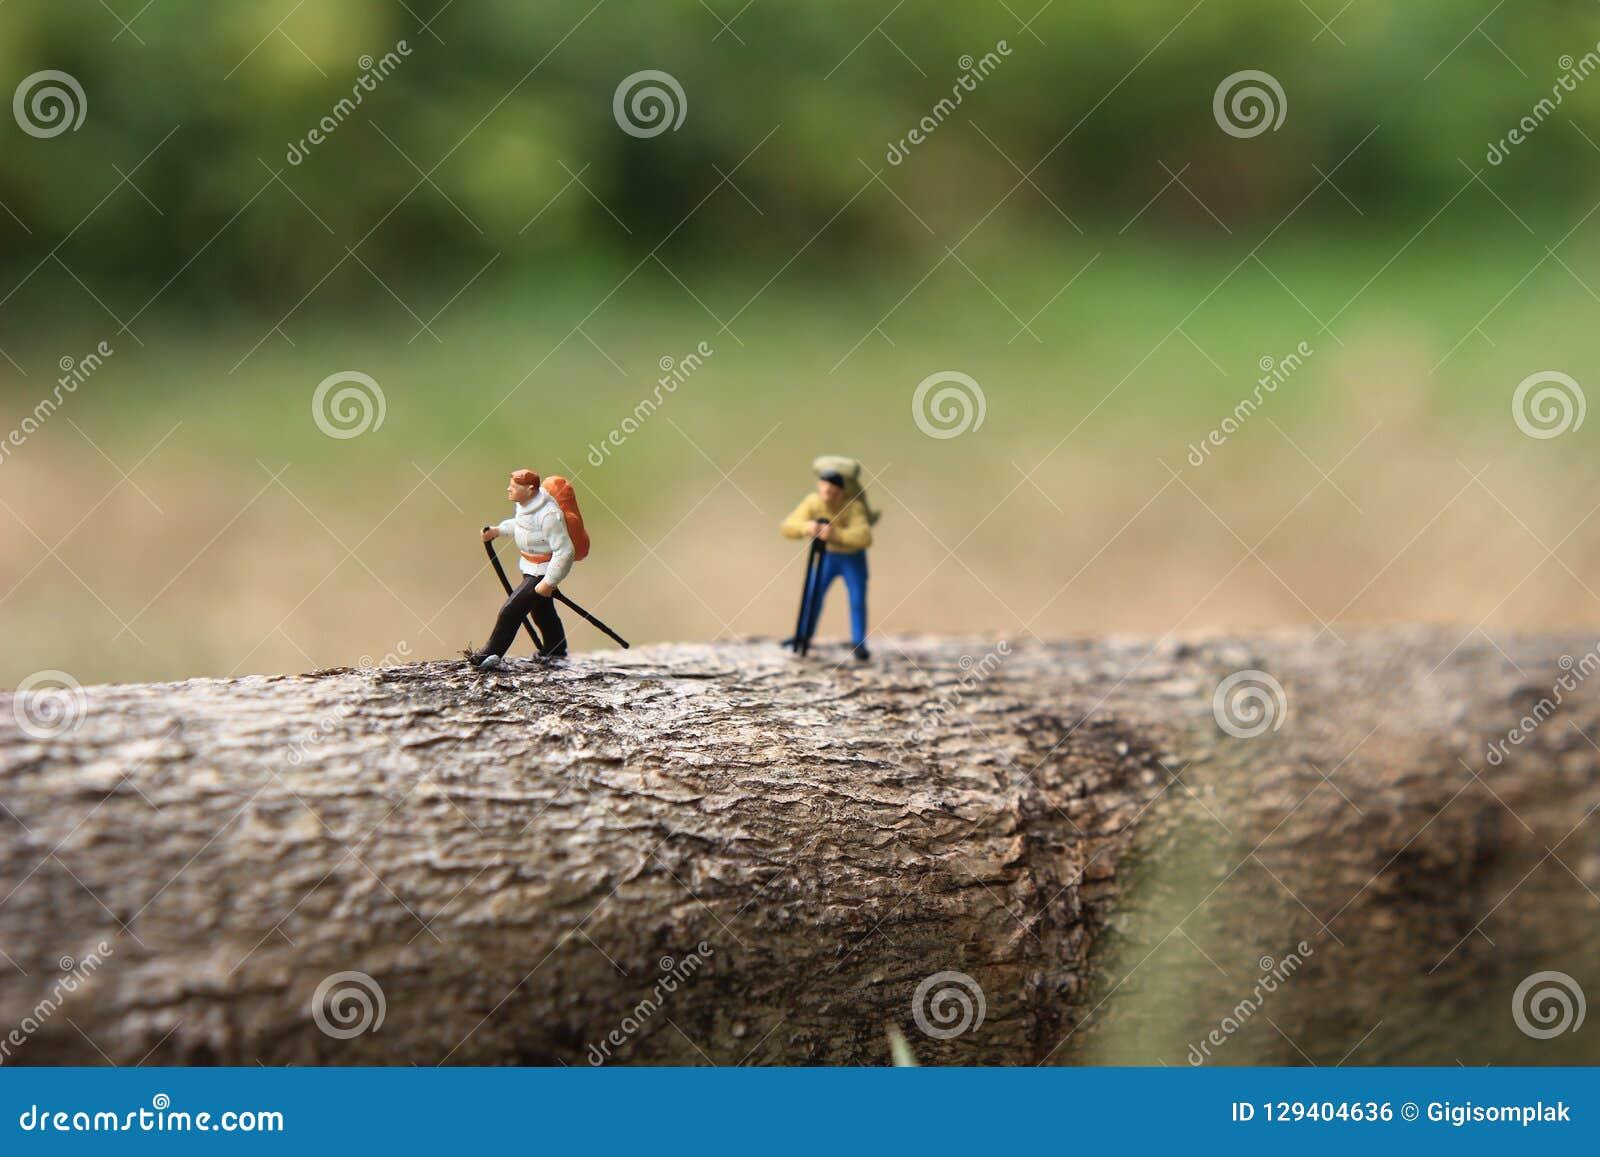 Mini Figure Hiker, caminando en el árbol horizontal